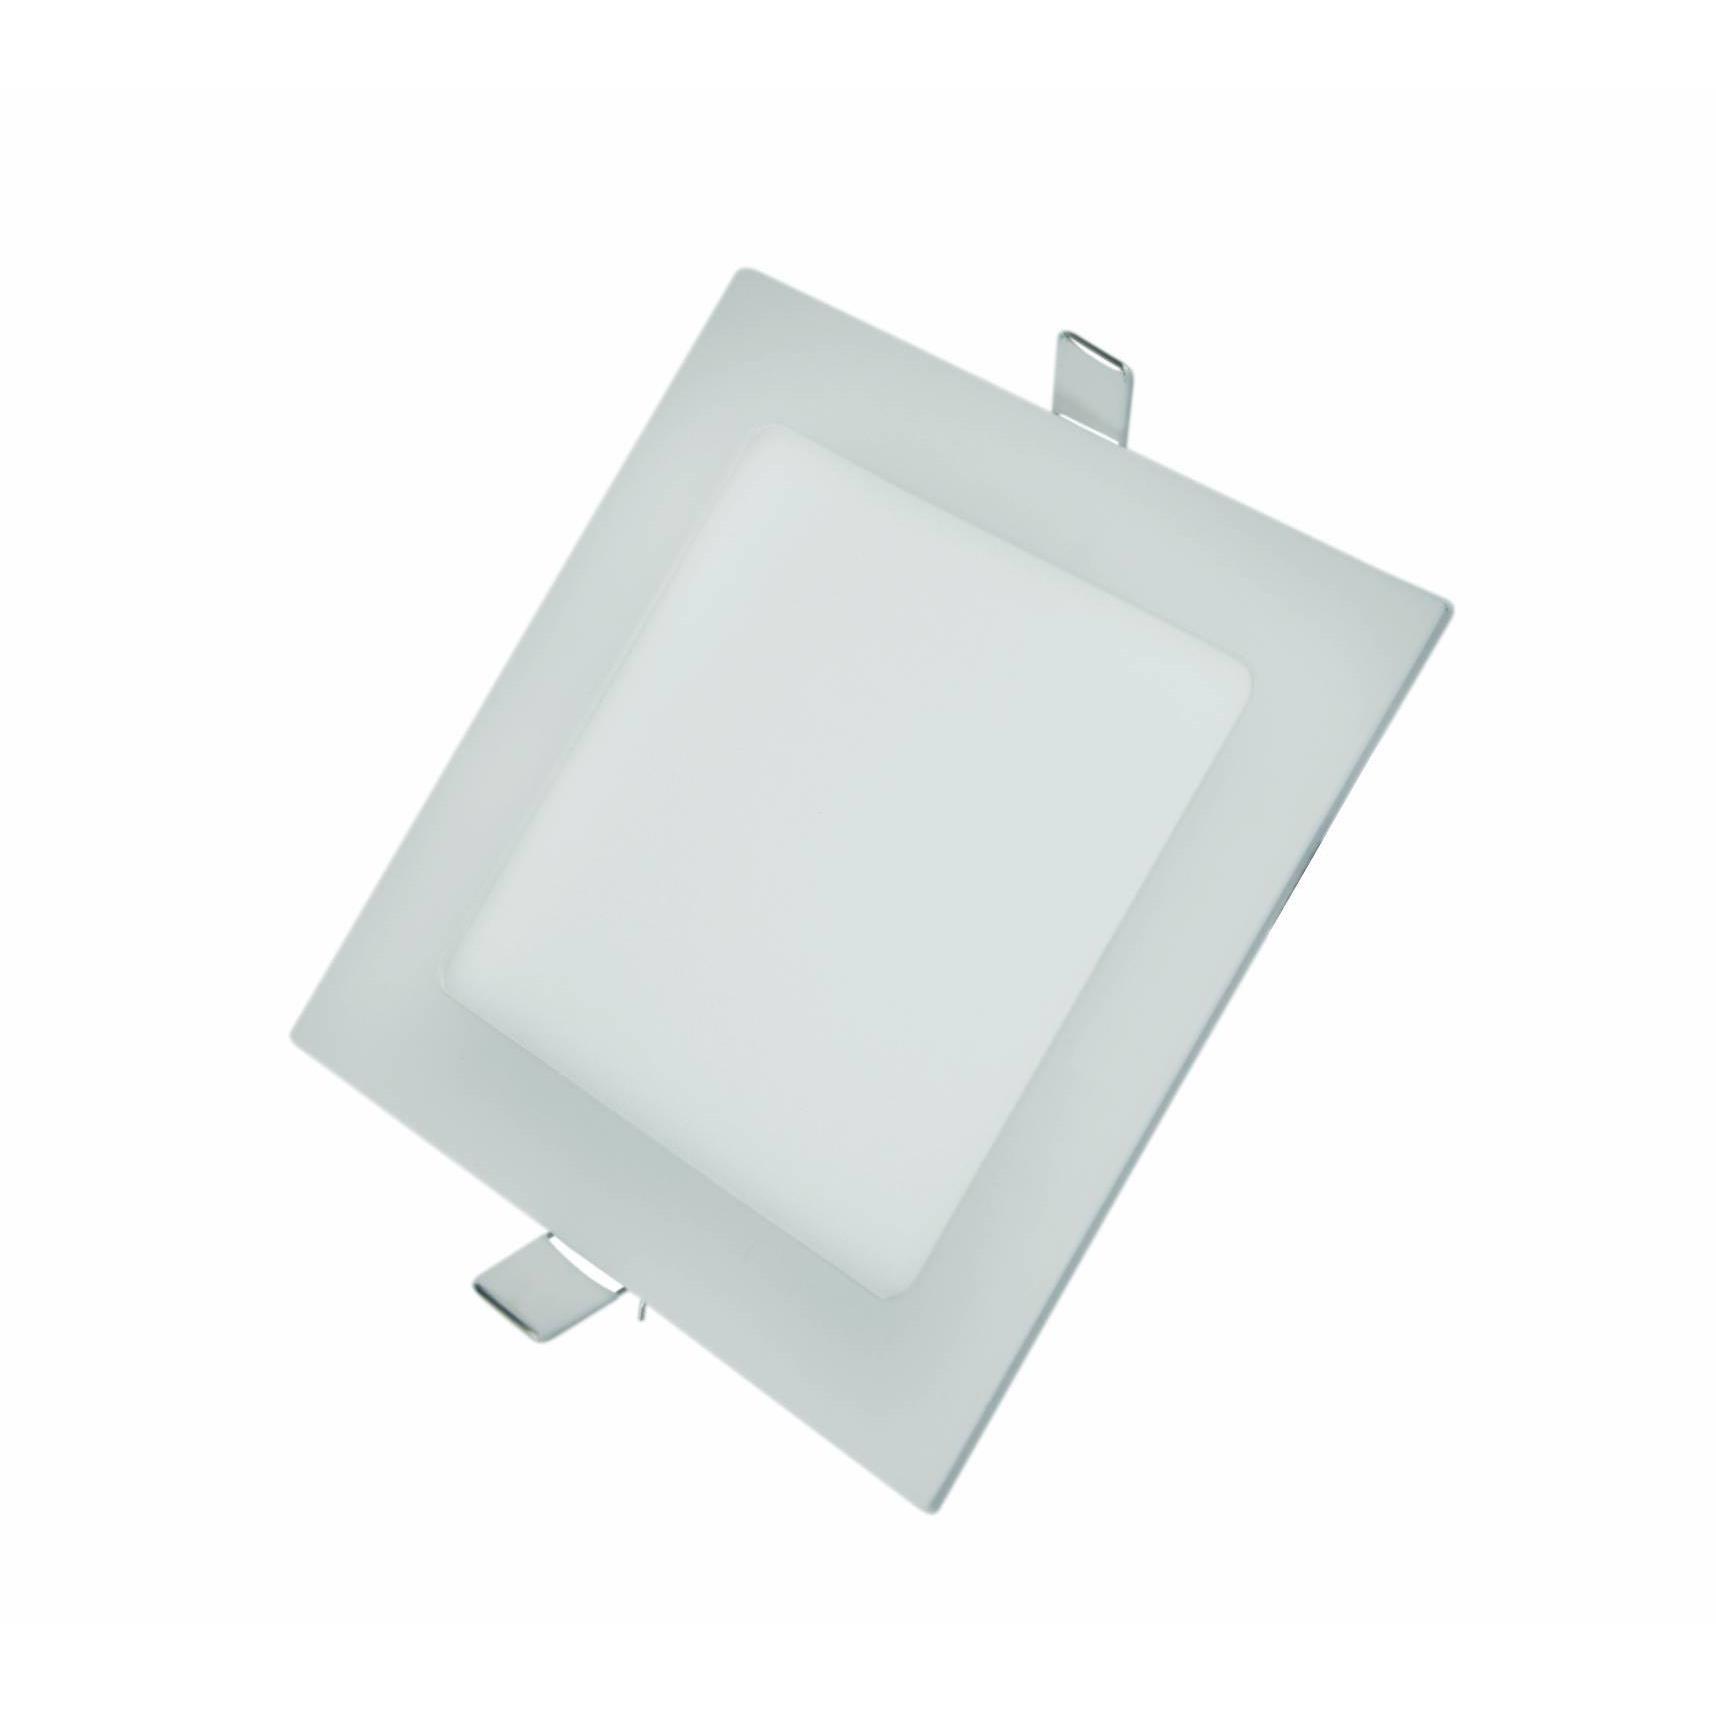 Painel LED Slim de Embutir Quadrado 18W 4000K Autovolt - Glight